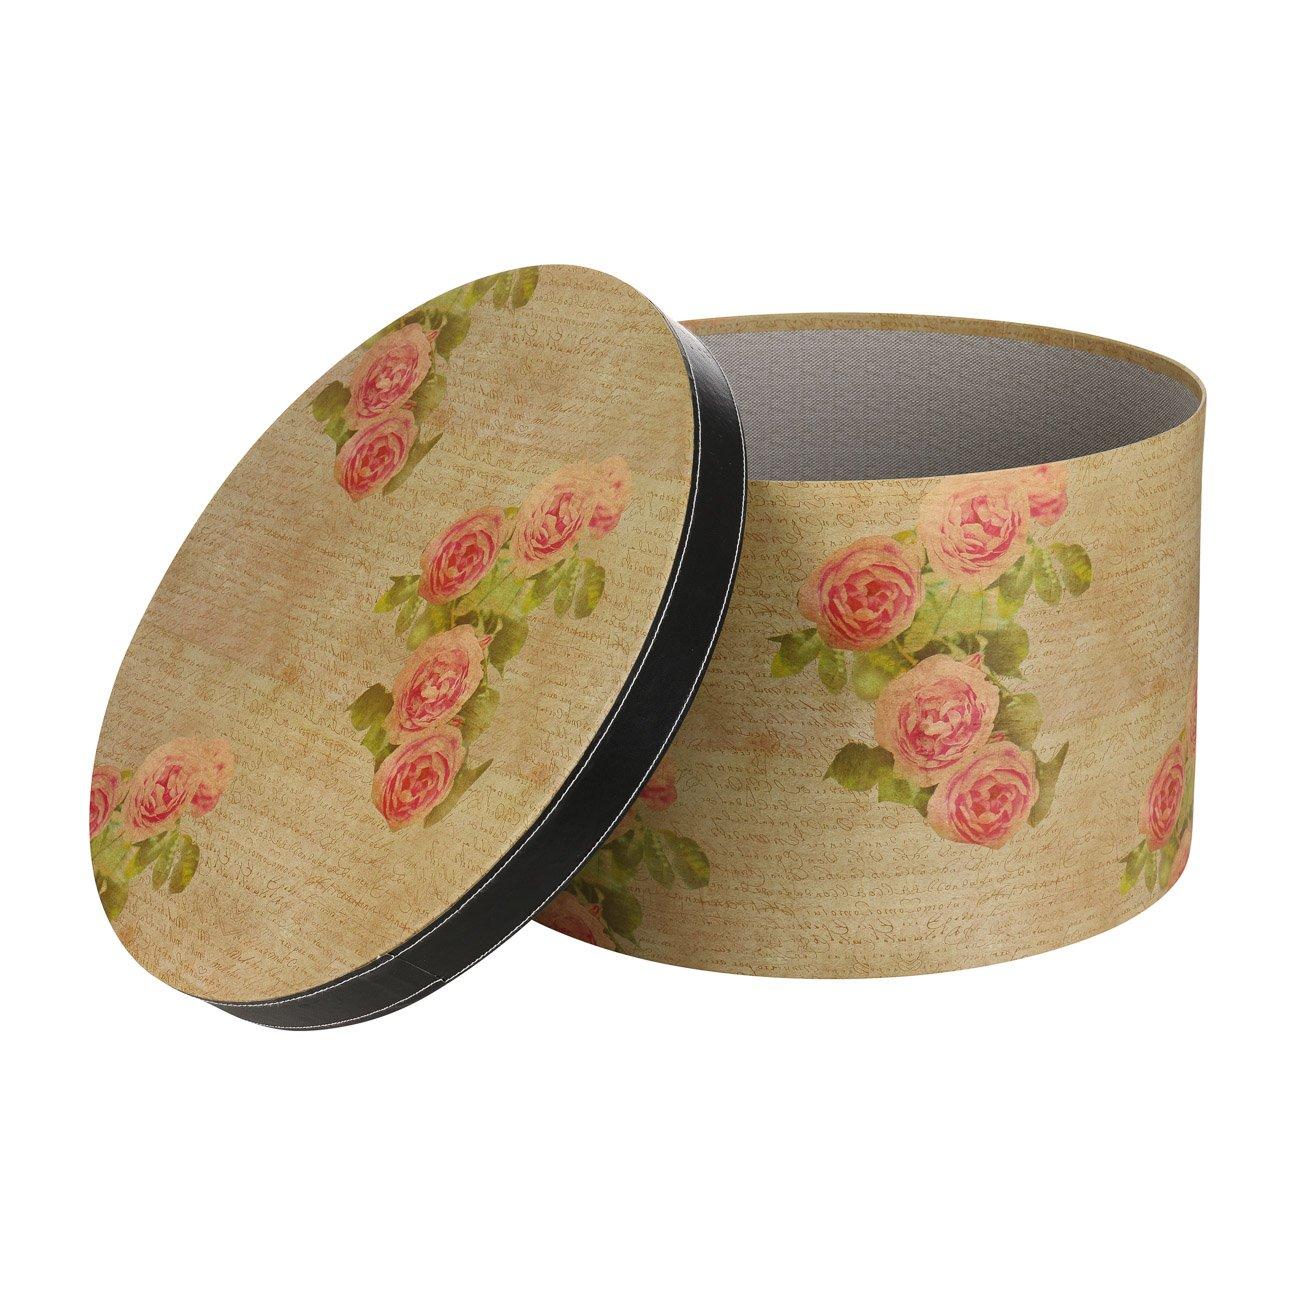 Lierys Caja Sombrero Antique Rose 38 cm by sombrereracaja para (Talla única  - Beige)  Amazon.es  Ropa y accesorios 14c6d855498